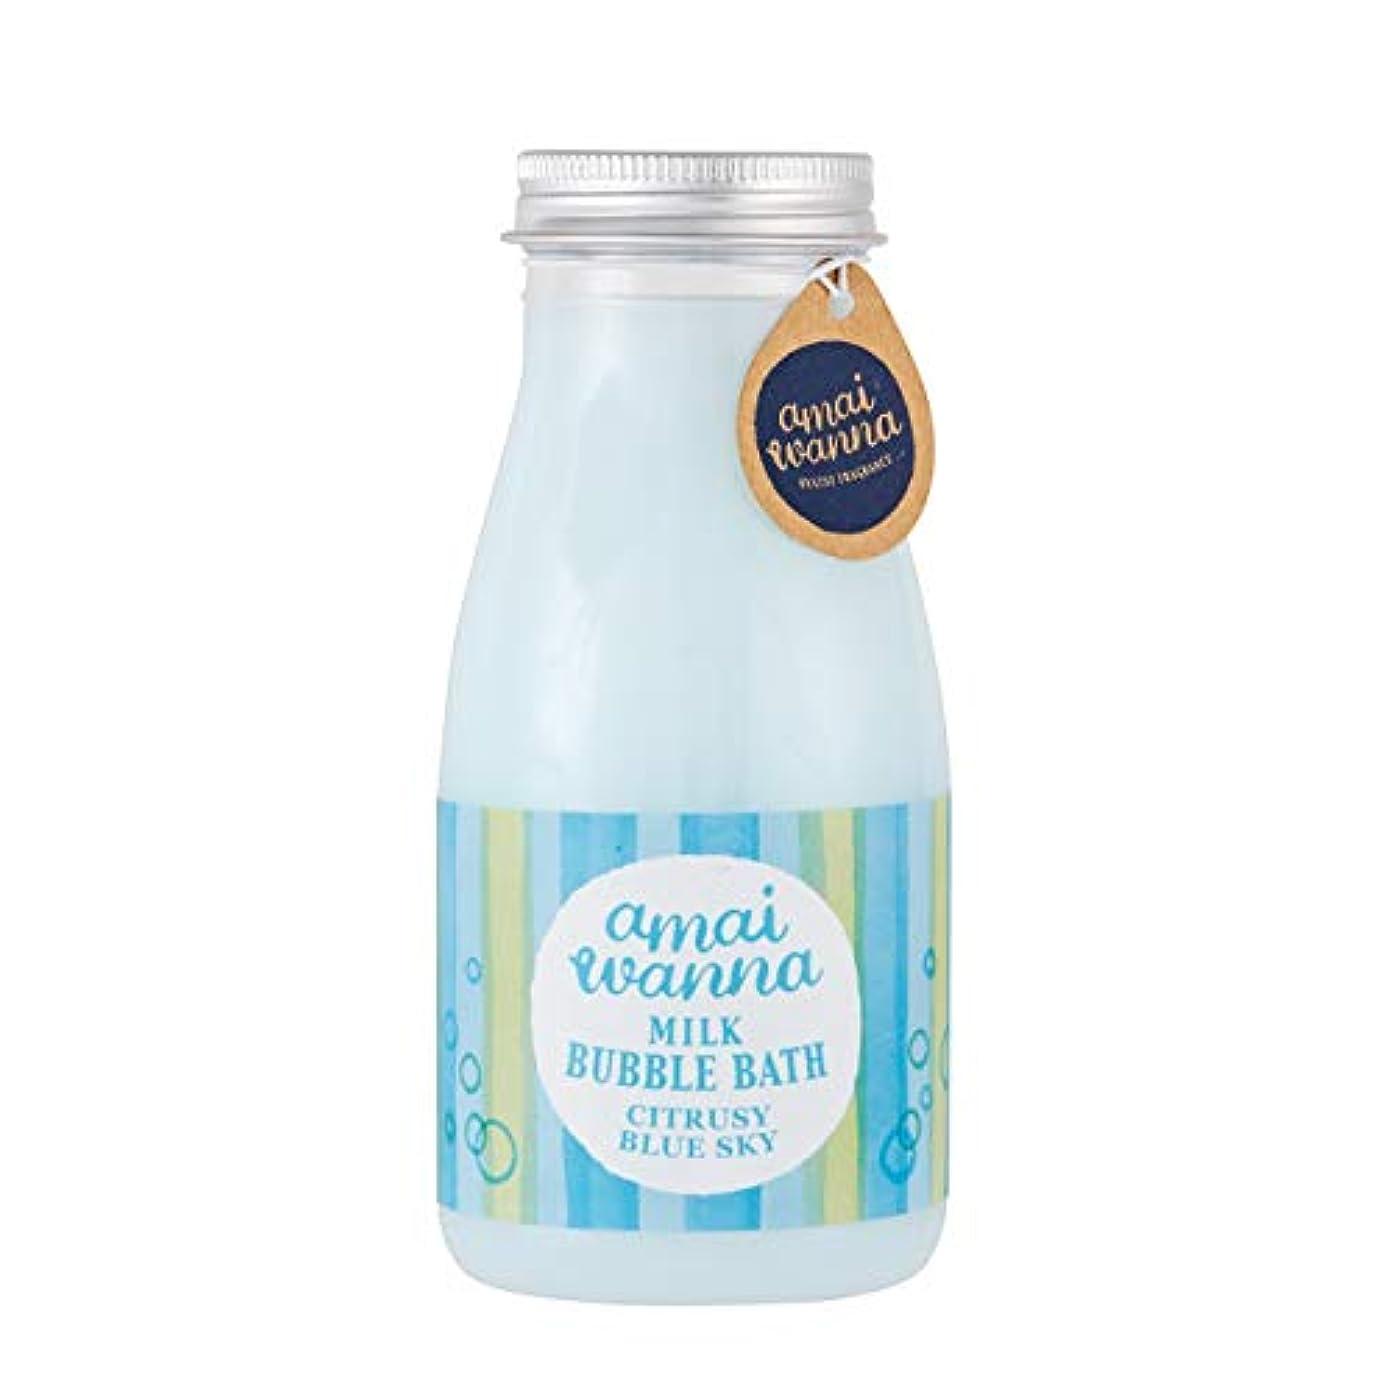 補助原始的なラメアマイワナSP ミルクバブルバス 青空シトラス300mL(泡風呂タイプ入浴料 ギフト)